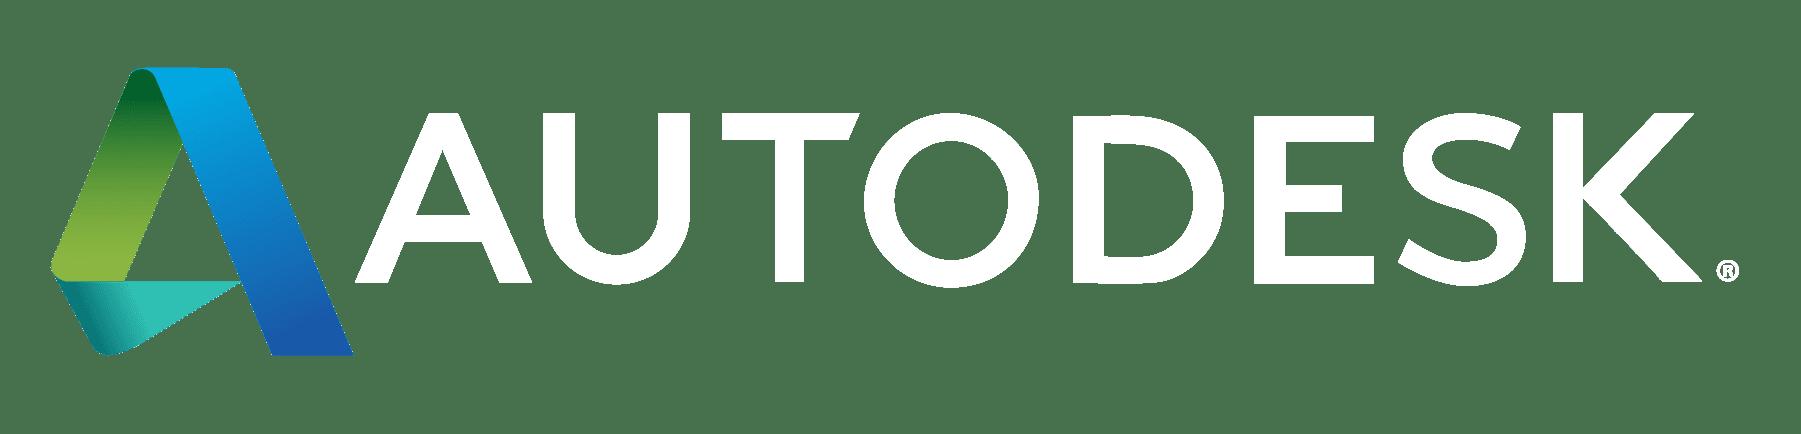 autodesk-01